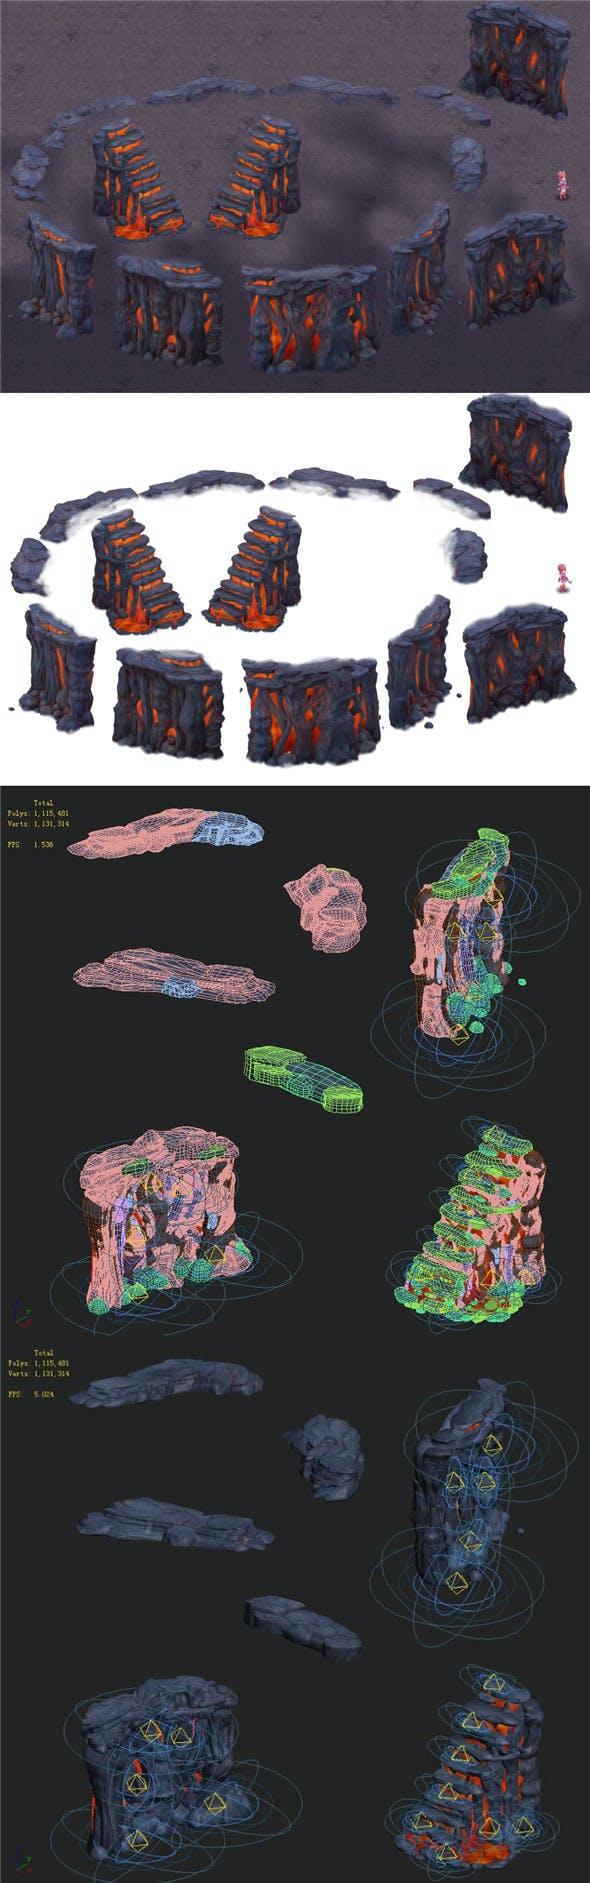 Cartoon hell - false terrain - hell lava pit - 3DOcean Item for Sale